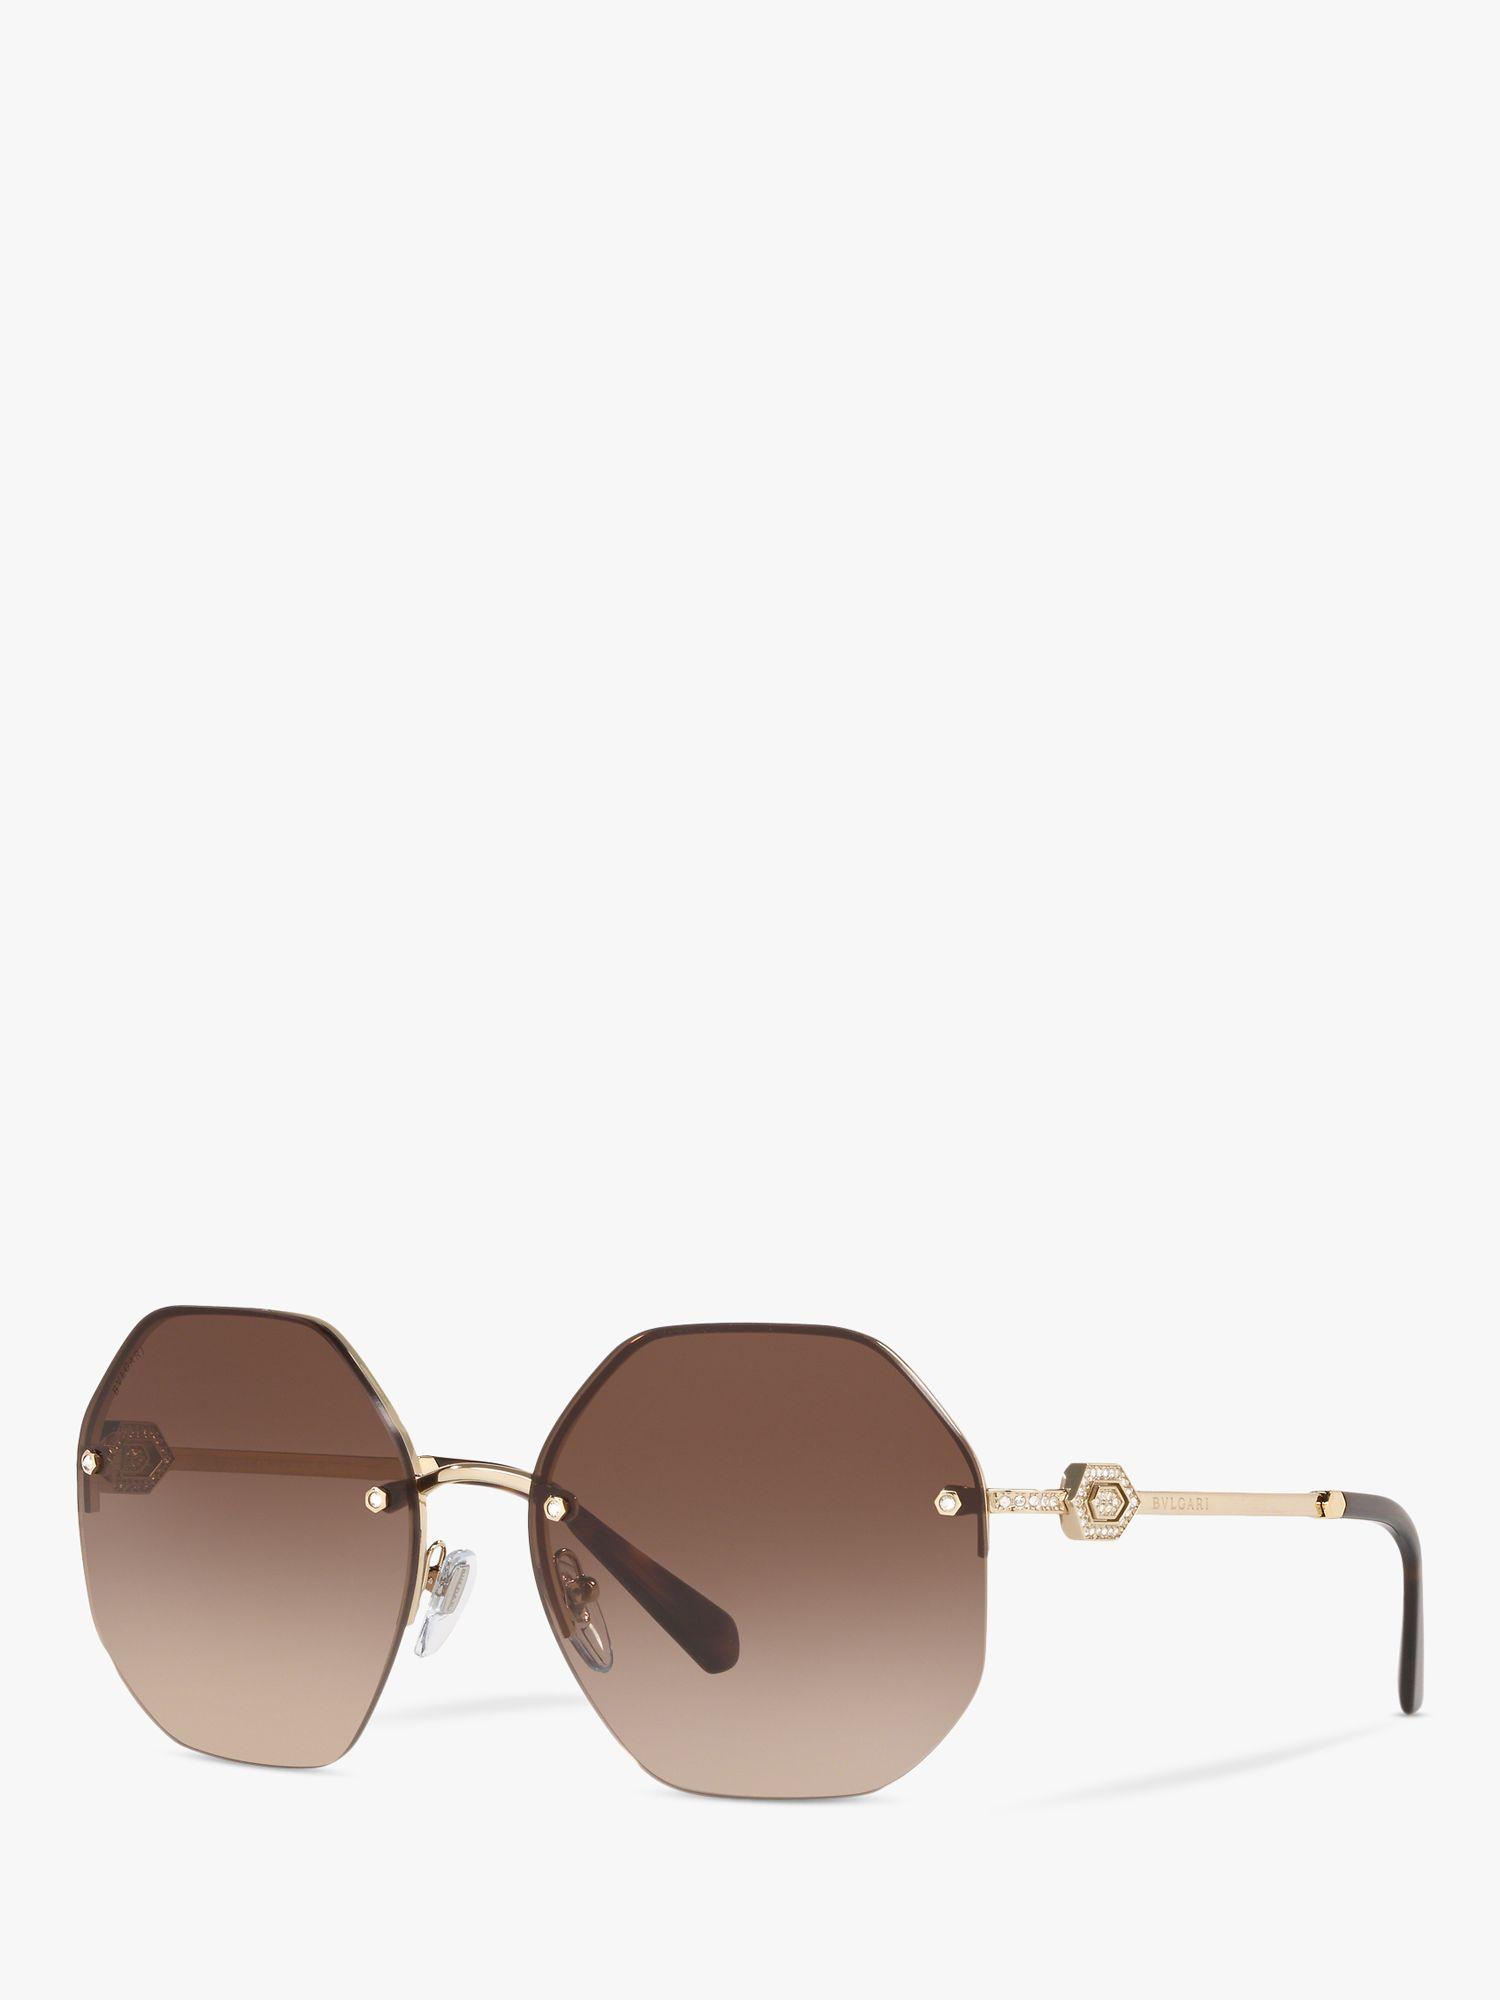 Bvlgari BVLGARI BV6122B Women's Irregular Oval Sunglasses